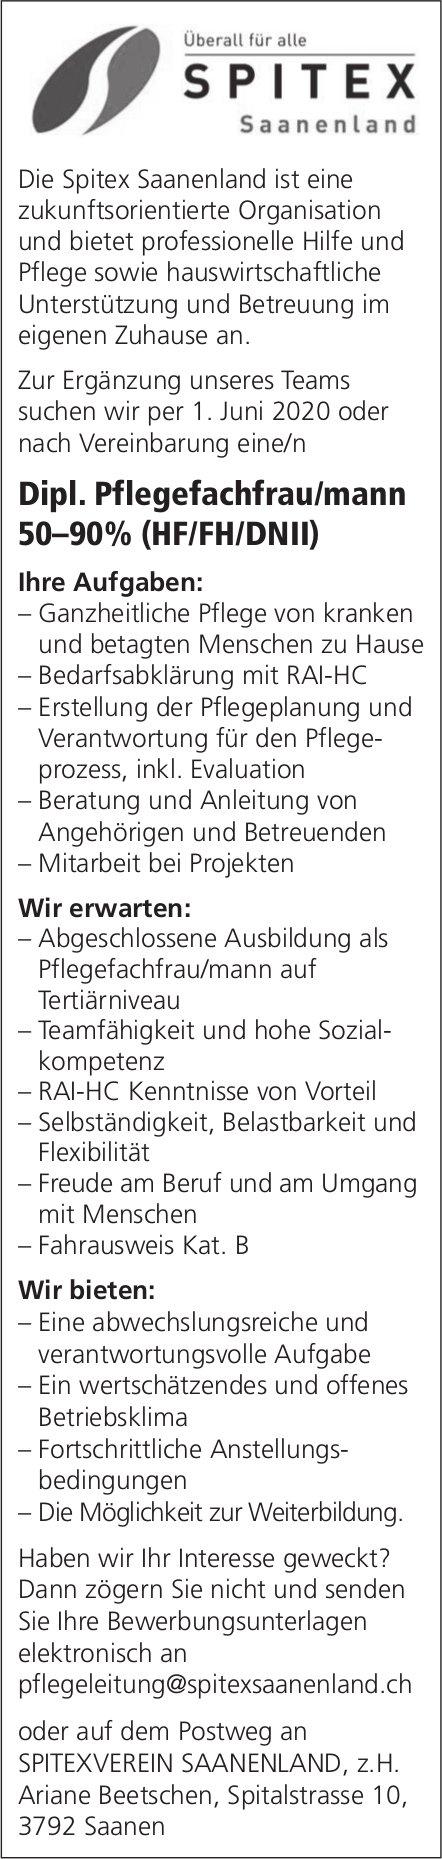 Dipl. Pflegefachfrau/mann 50–90% (HF/FH/DNII), SPITEXVEREIN SAANENLAND,  Saanen, gesucht